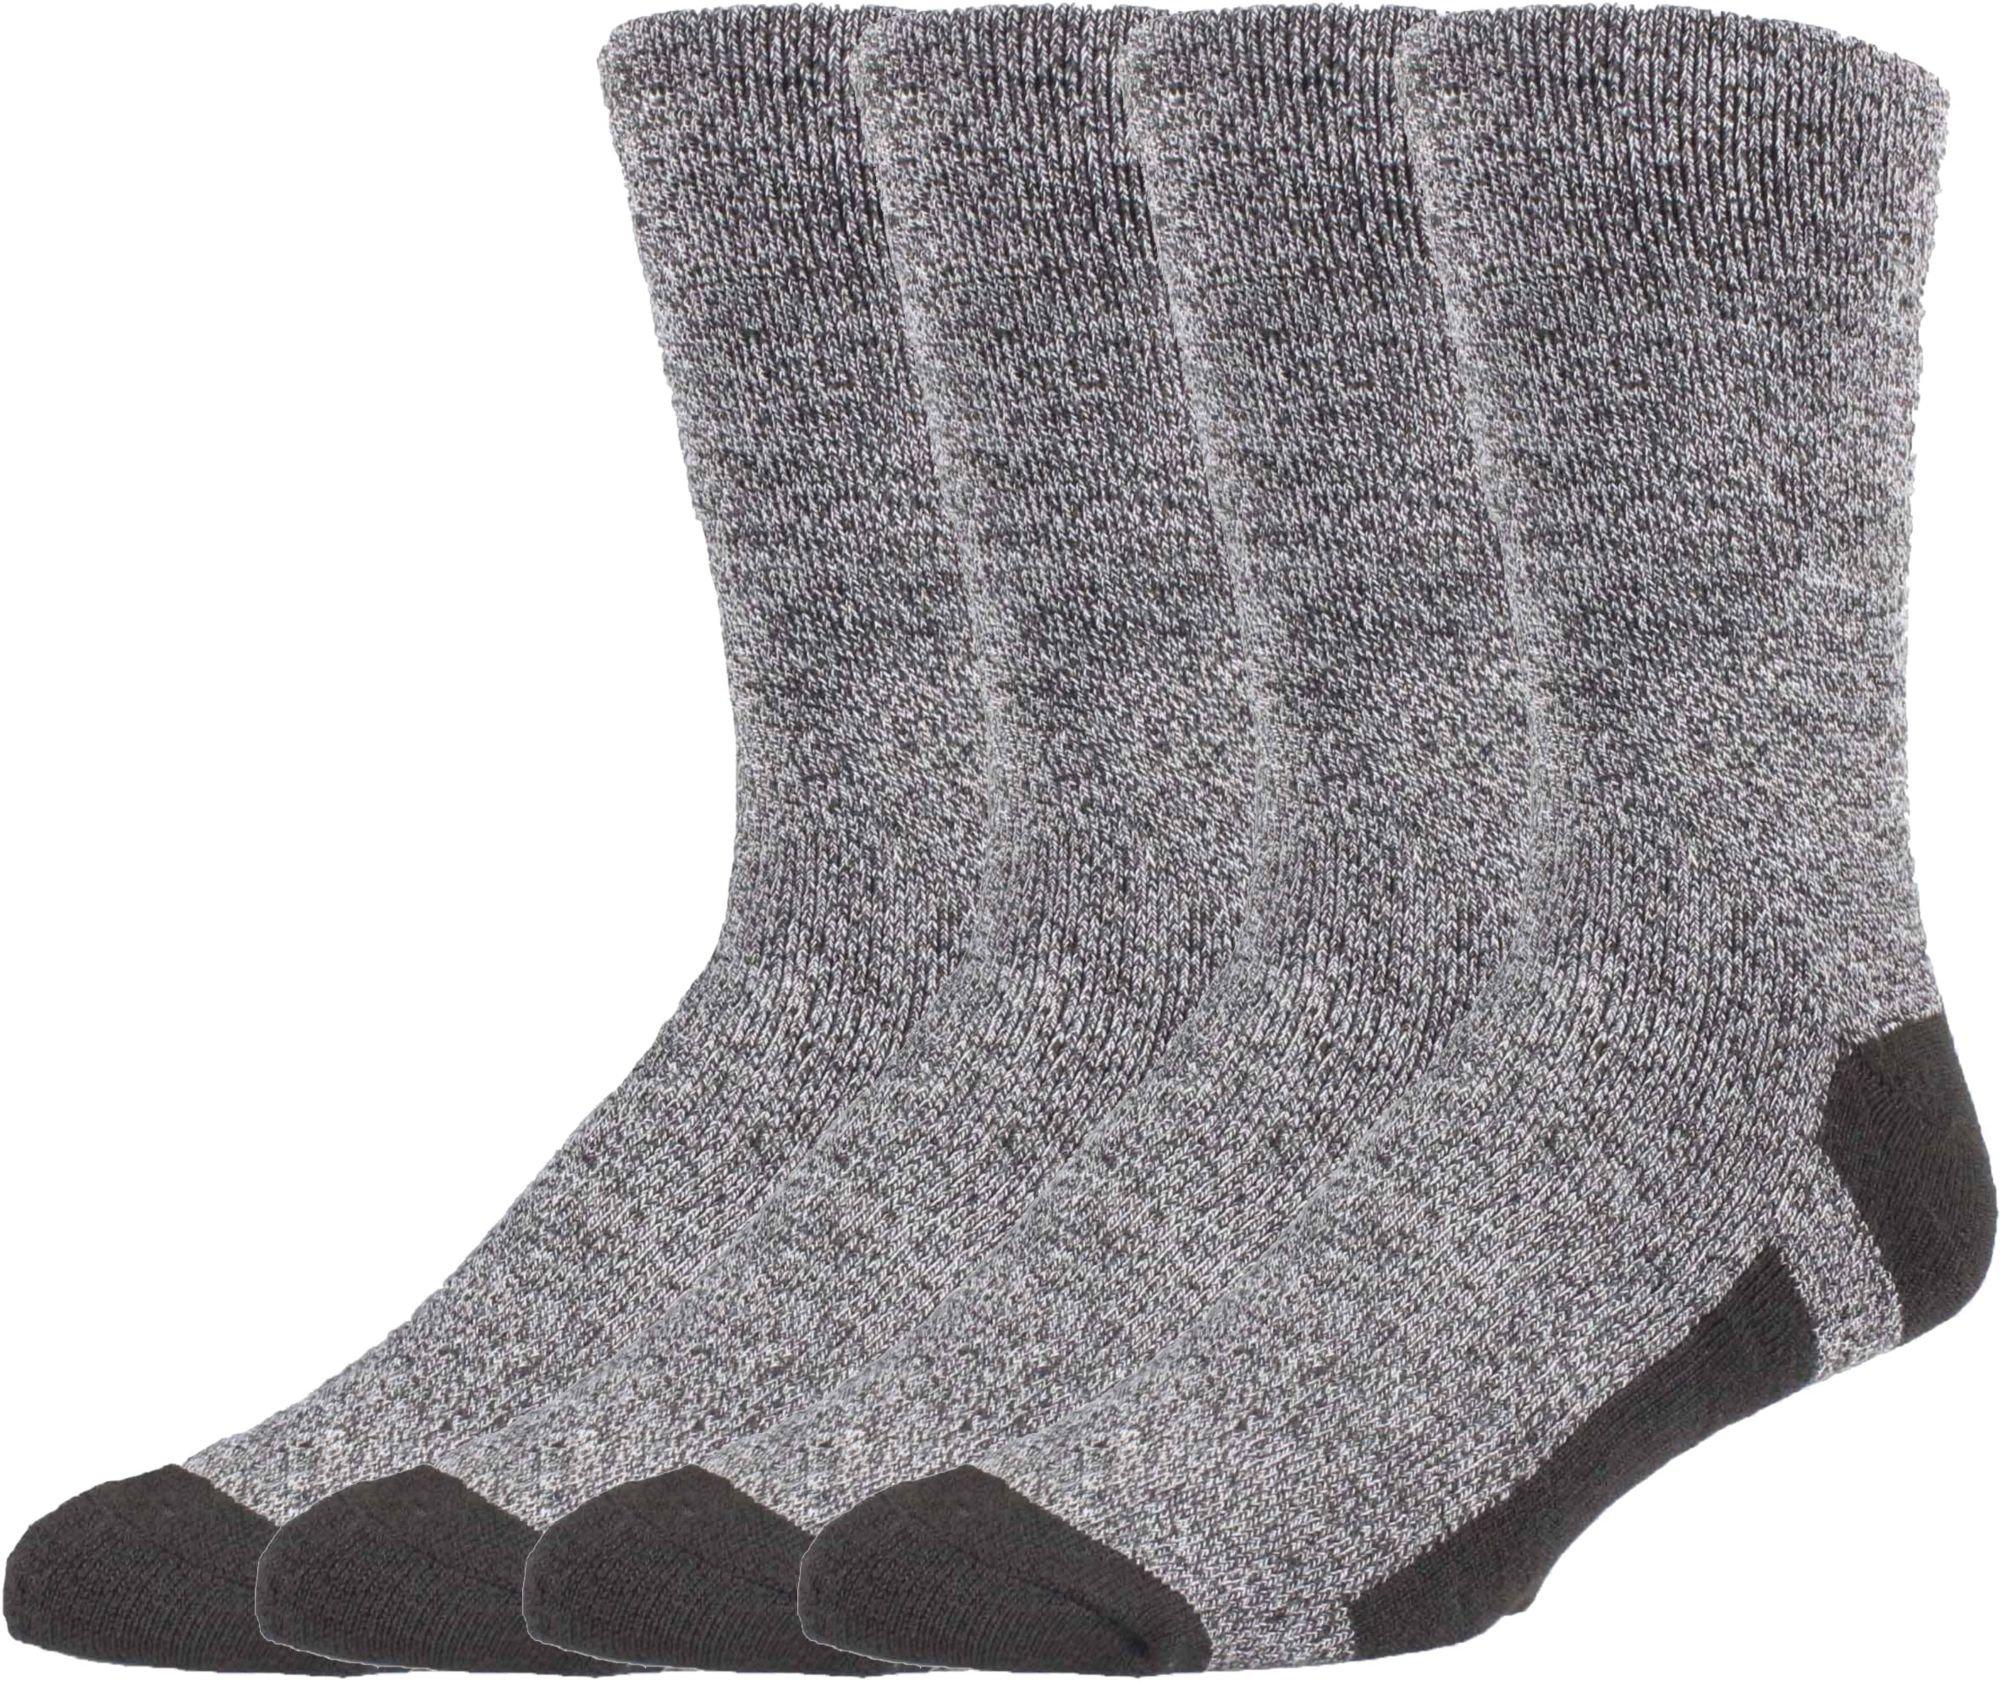 Field & Stream Long Trail Crew Socks 4 Pack (Black, XL)